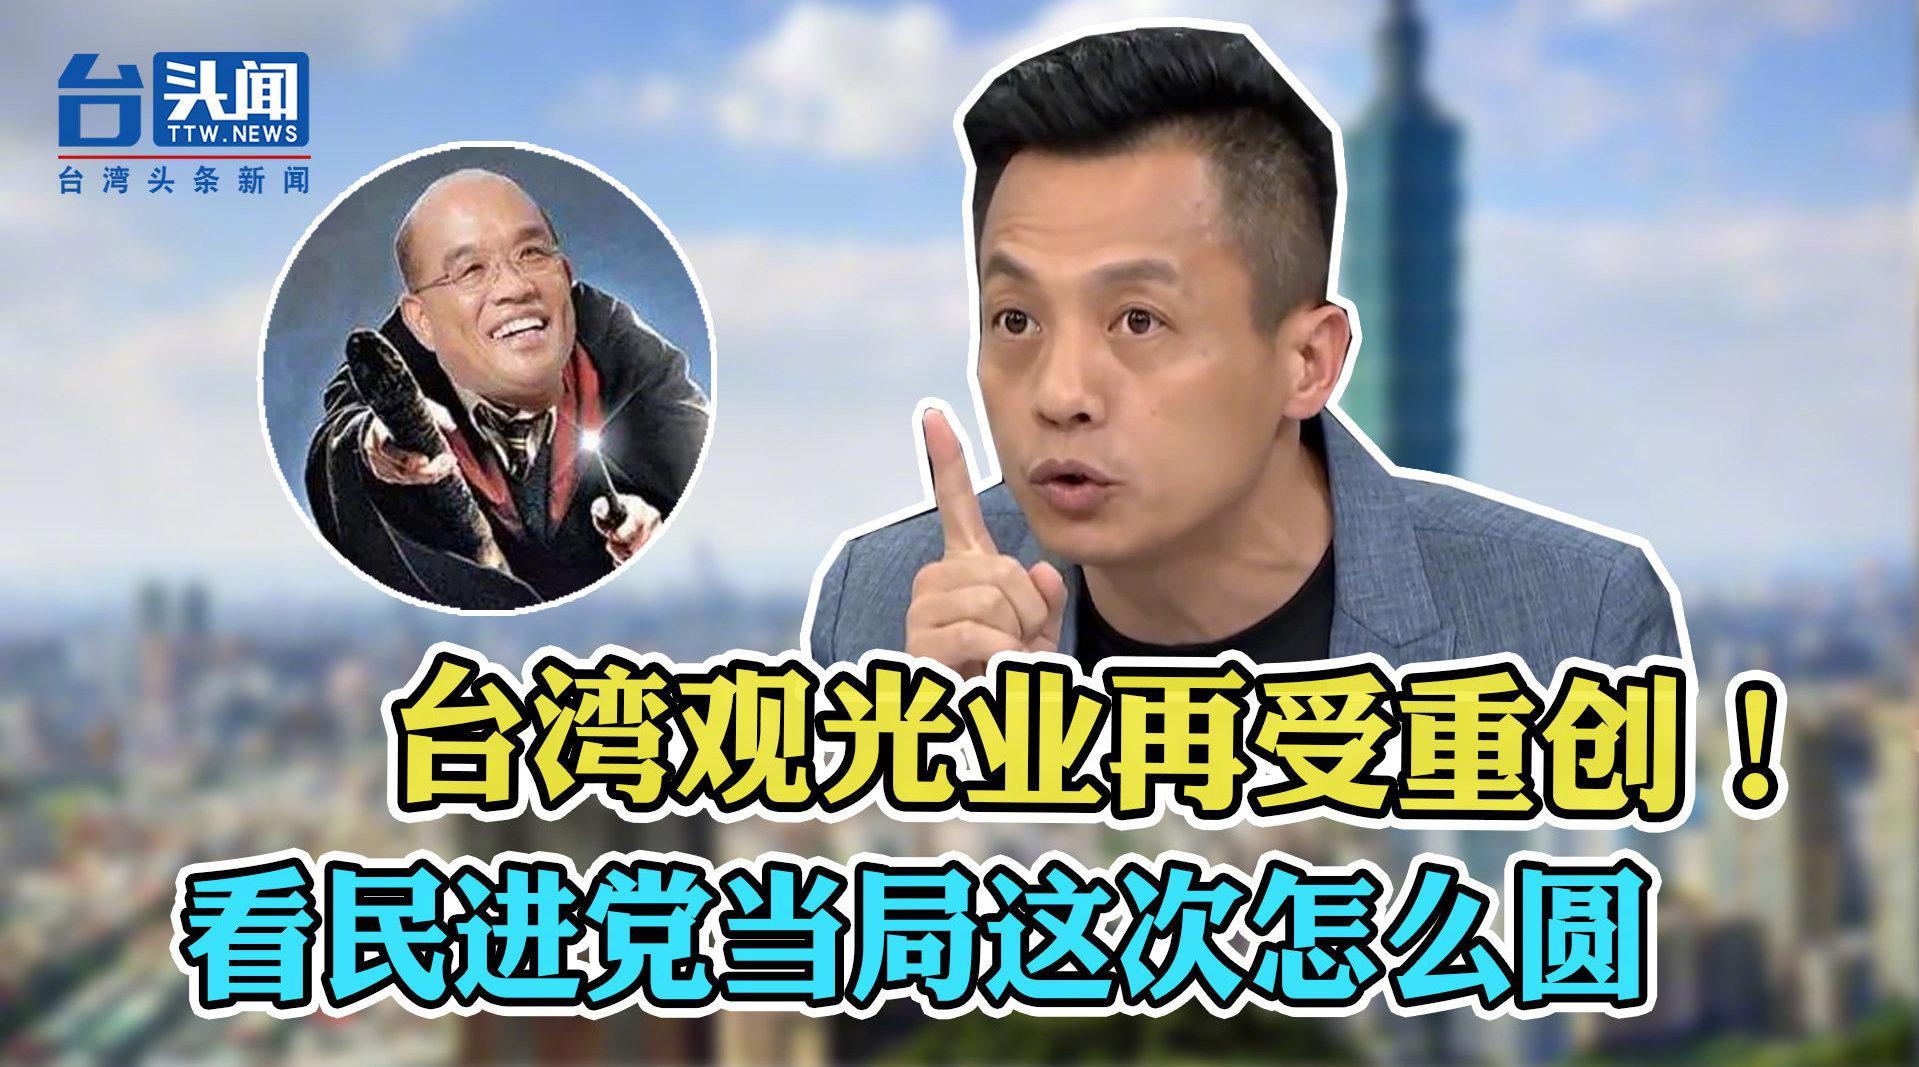 台湾观光业再受重创!两大龙头没能幸免 看民进党当局这次怎么圆